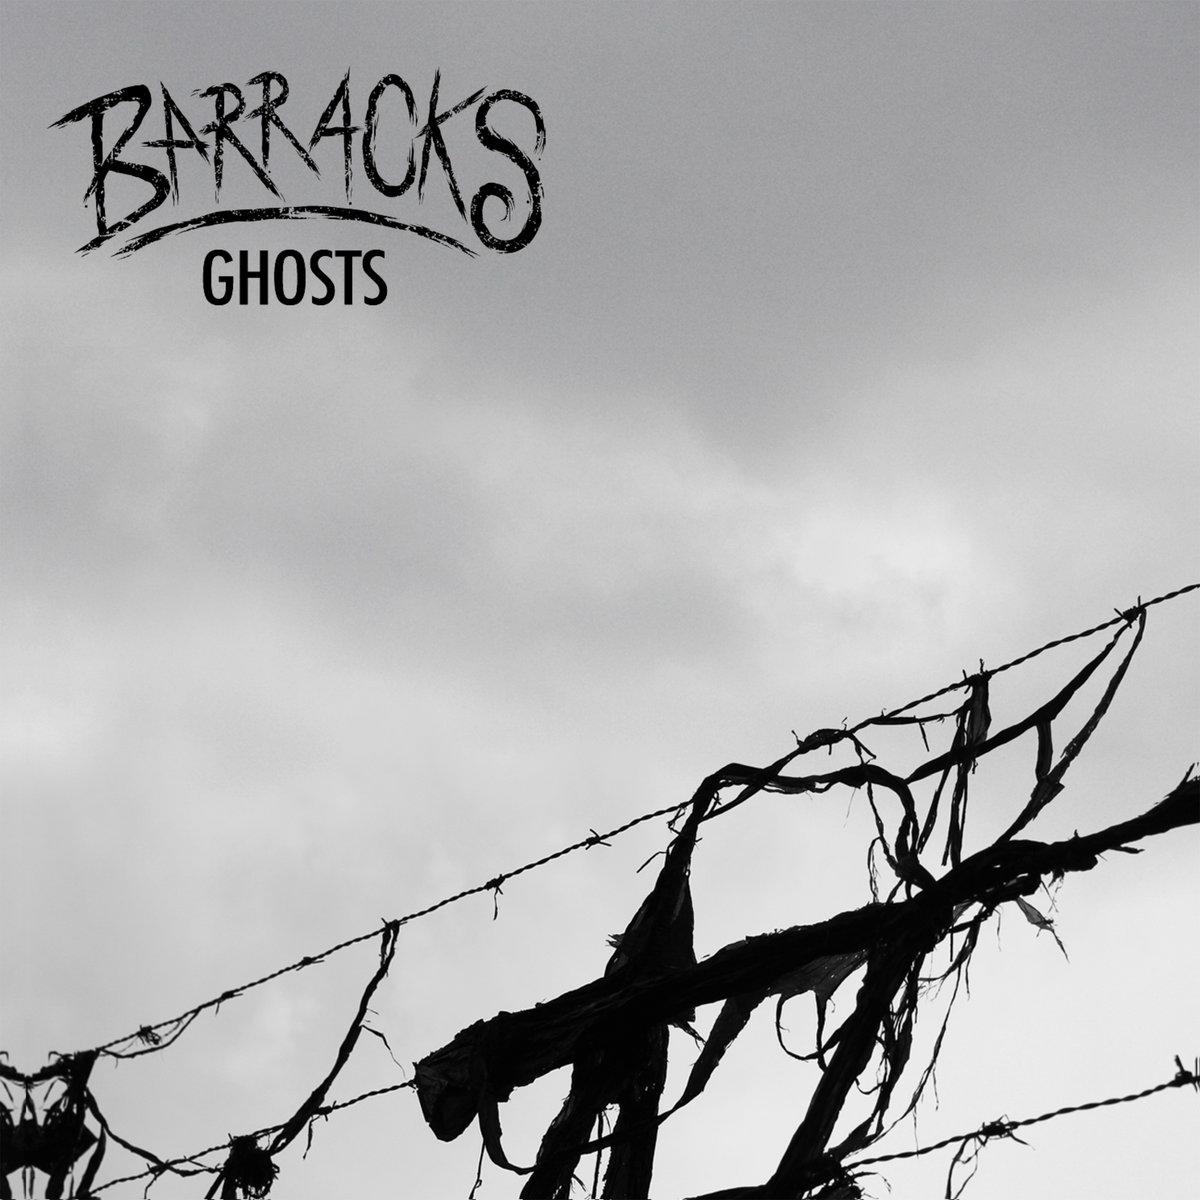 www.facebook.com/barracksmusic